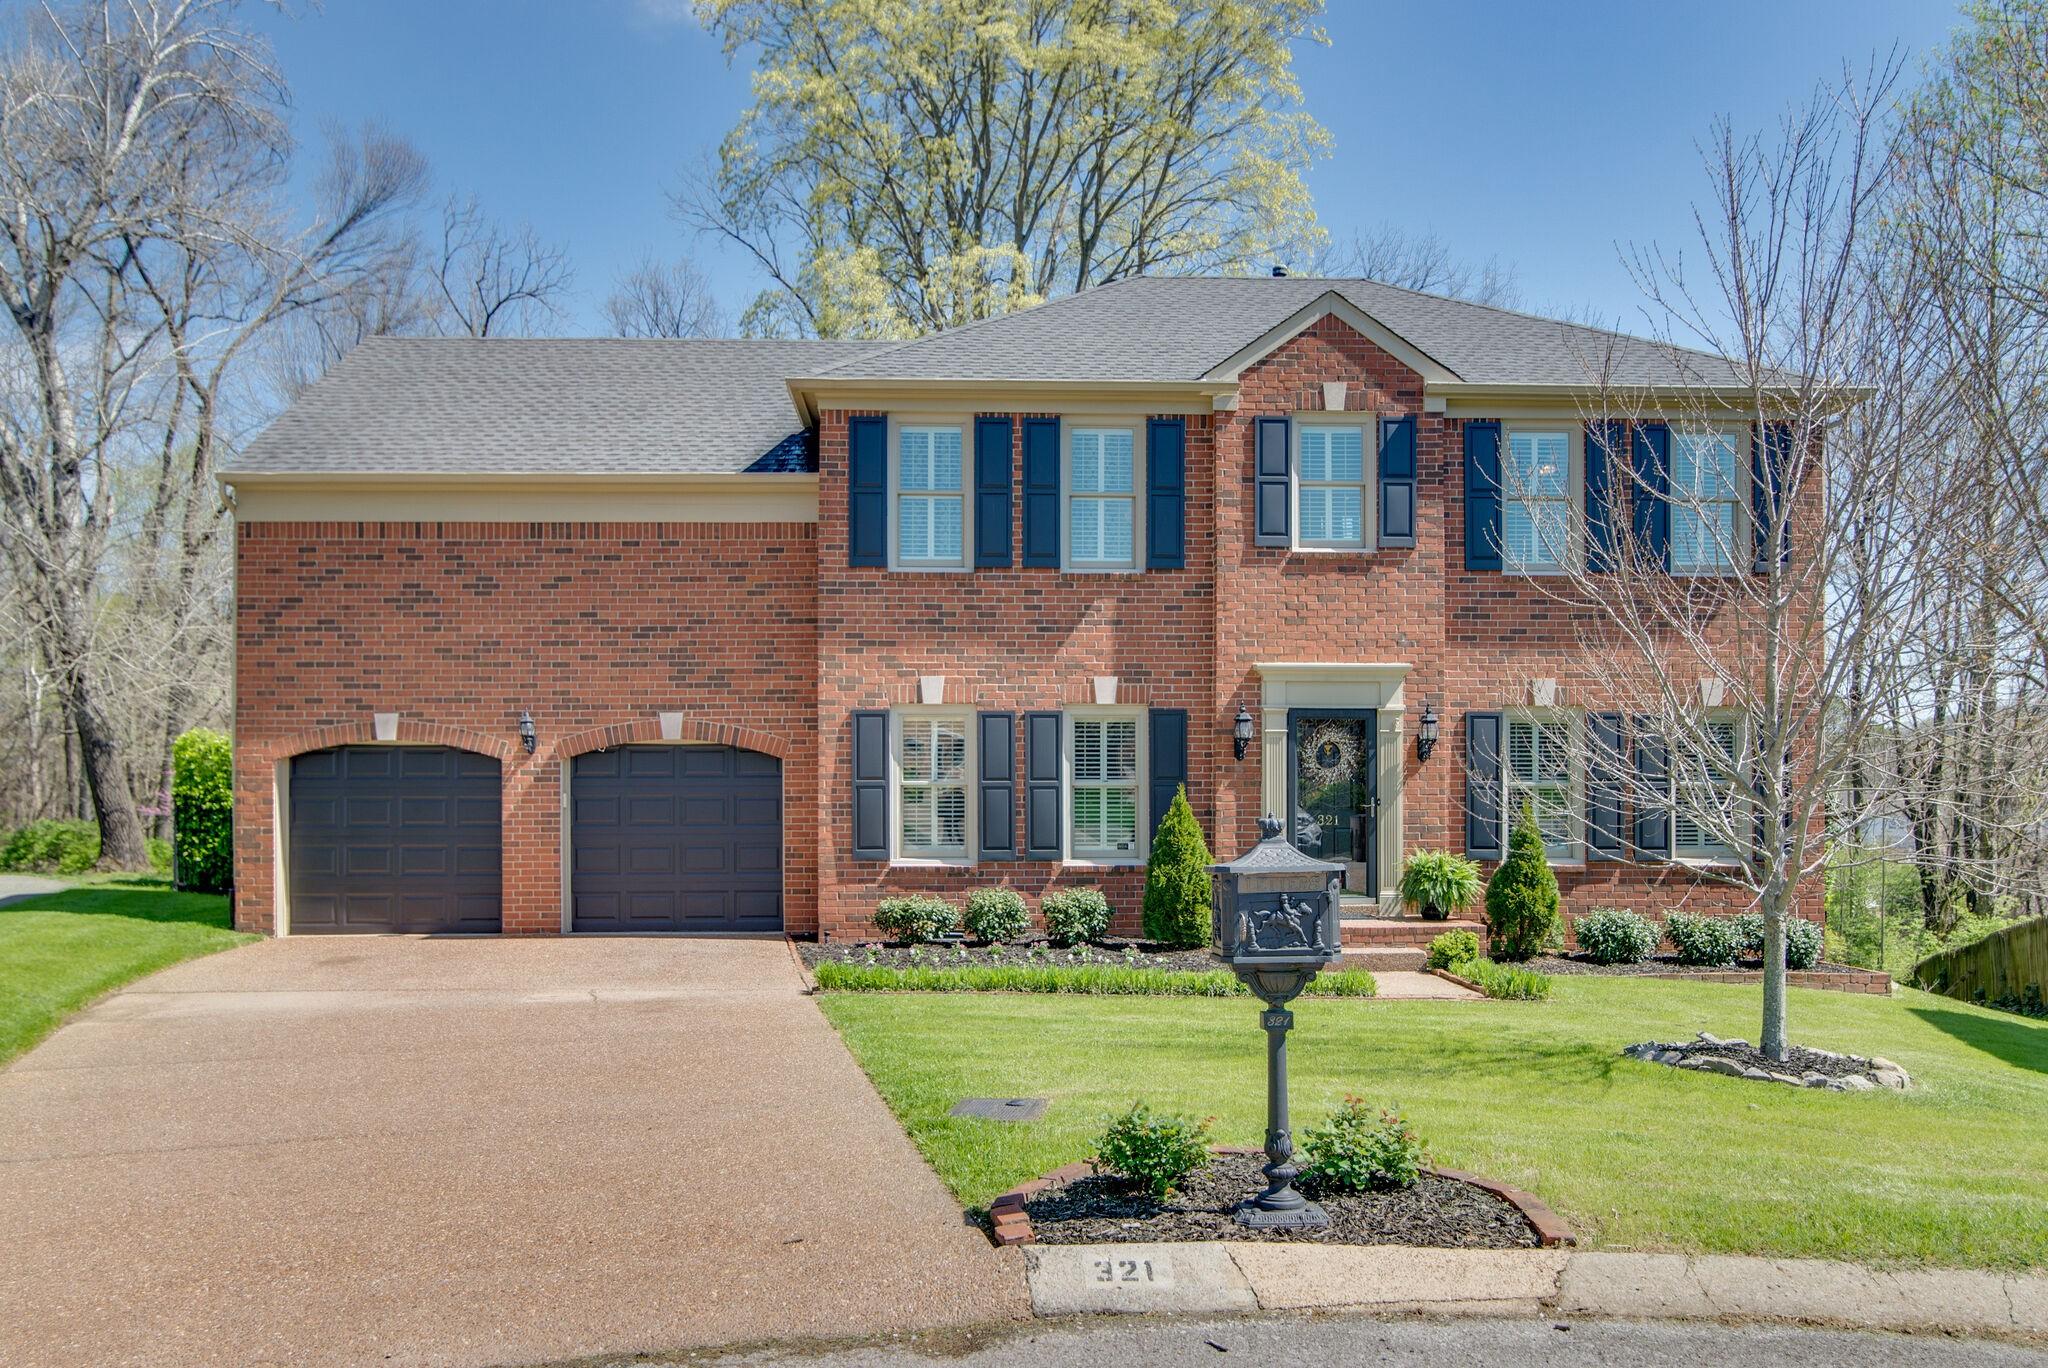 321 Fielding Crst Property Photo